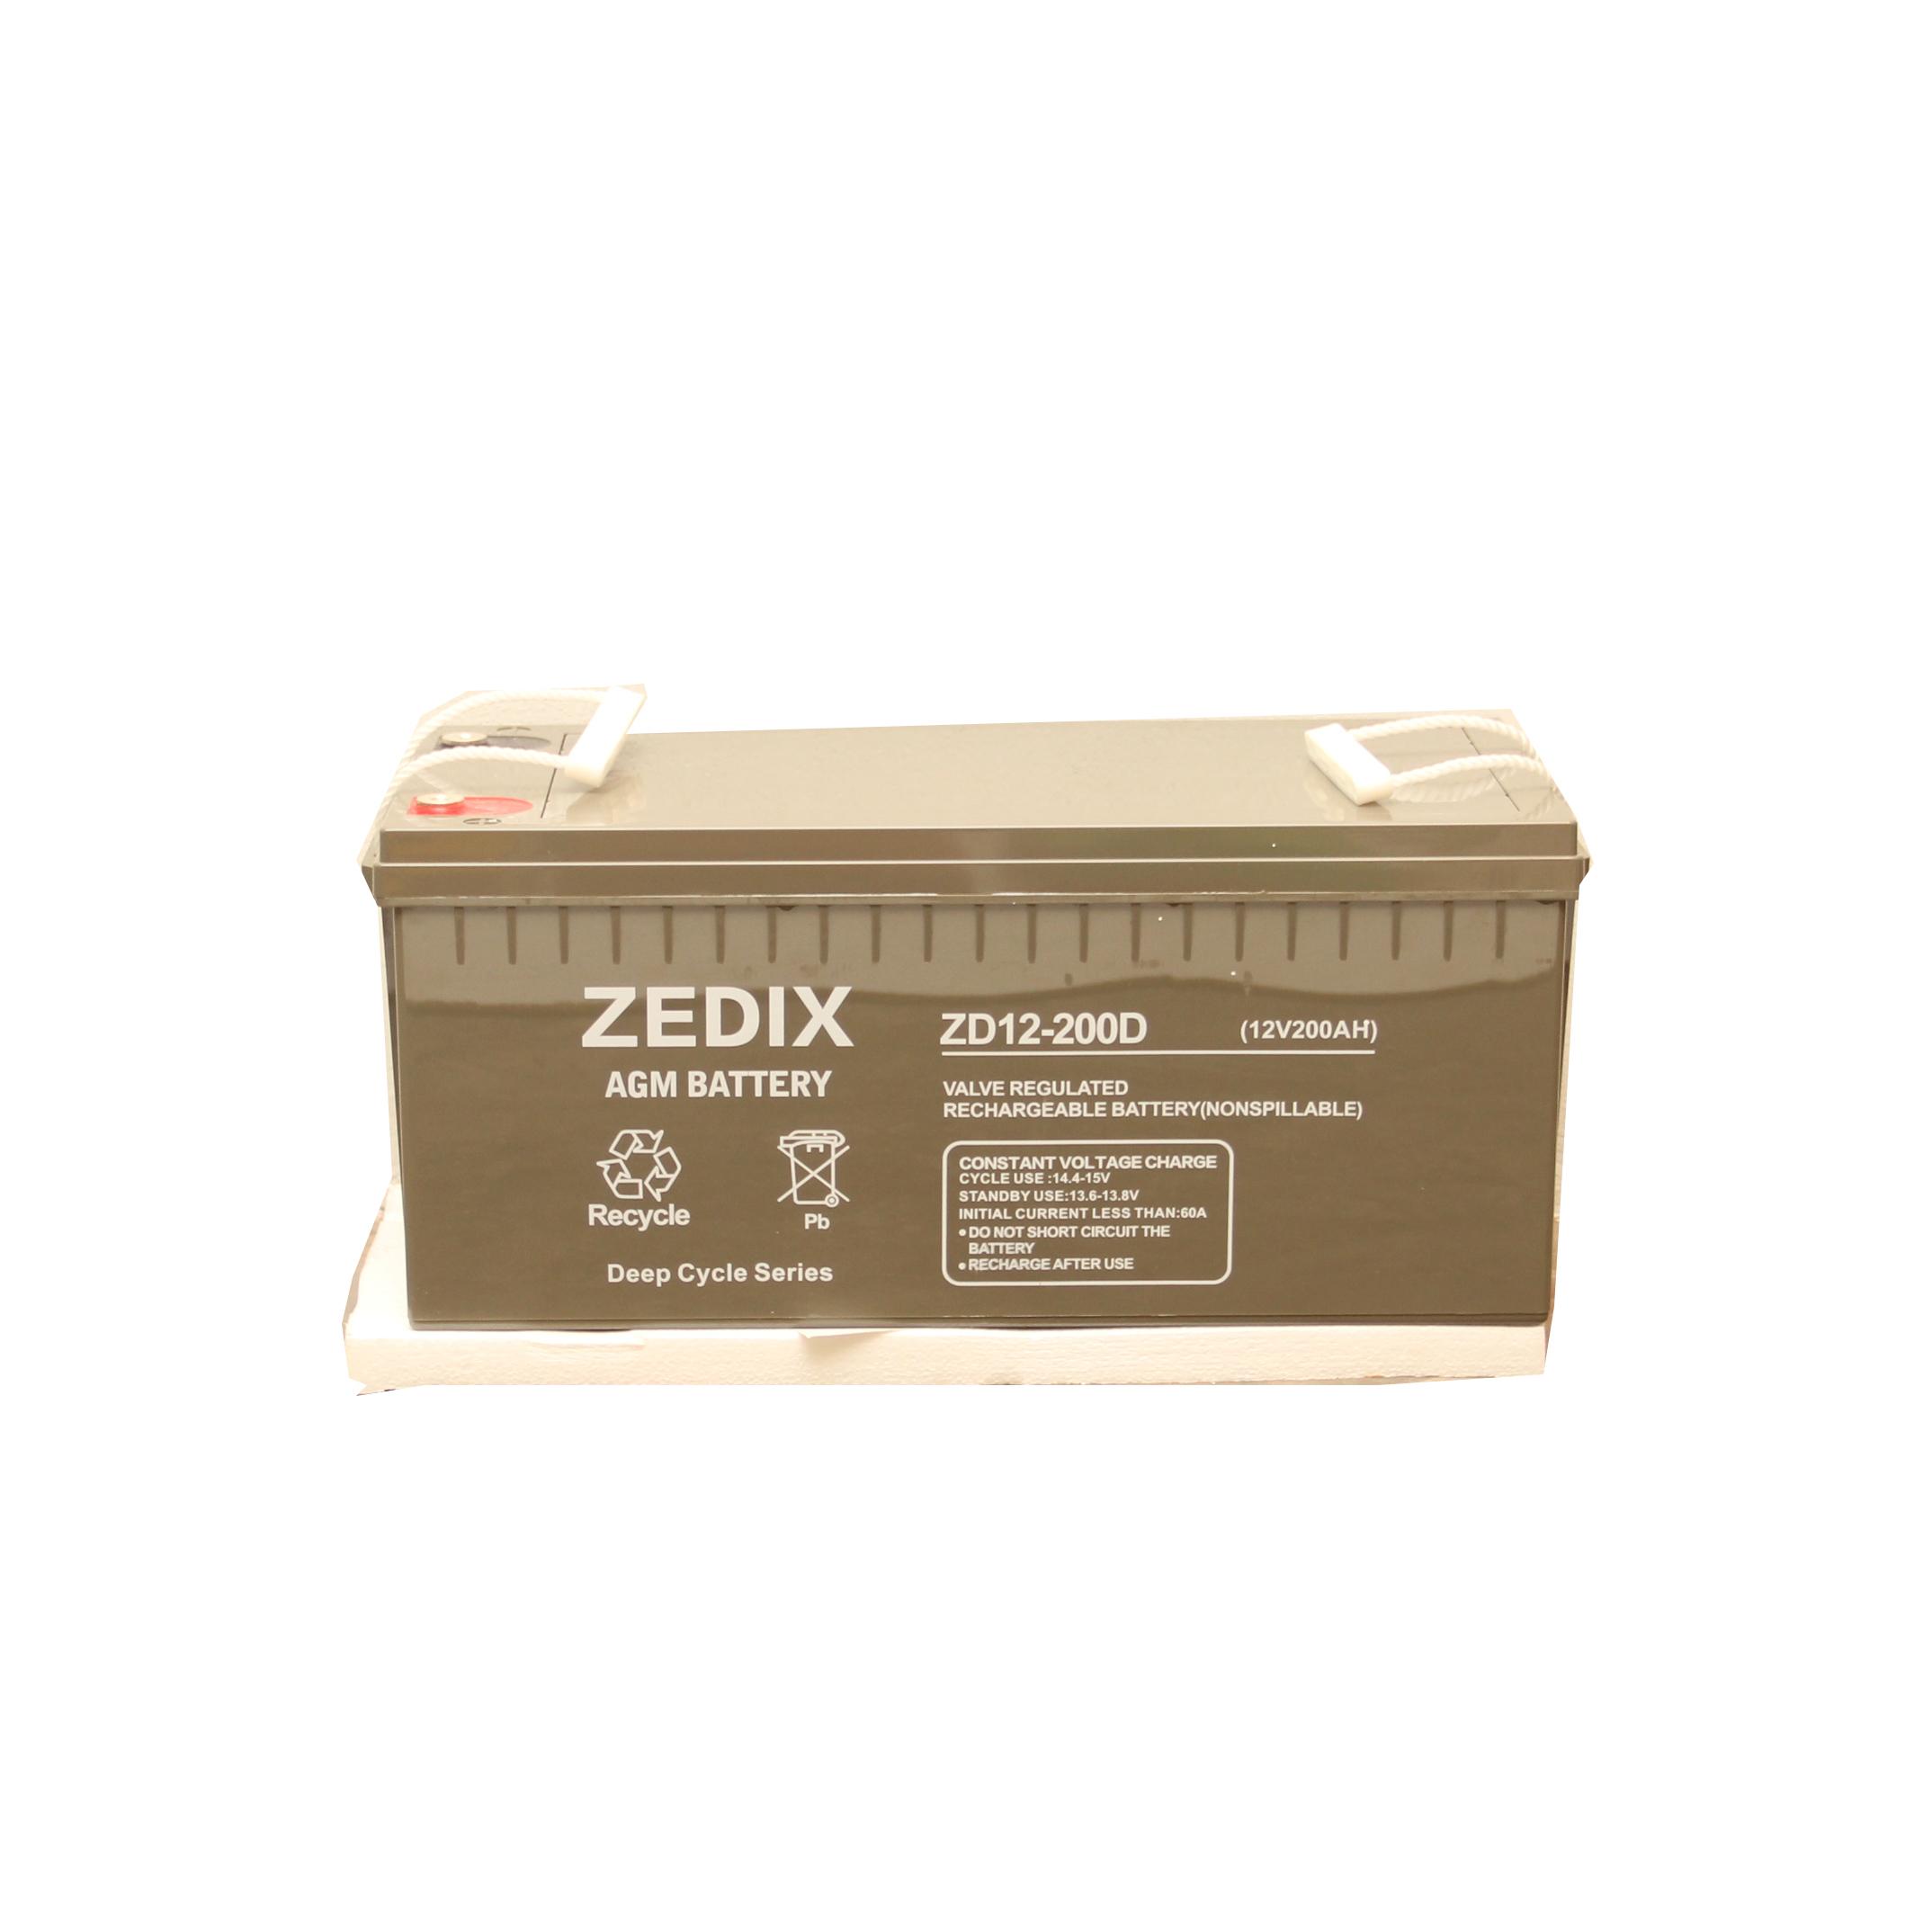 zedix 200ah 12v deep cycle battery ashdam solar. Black Bedroom Furniture Sets. Home Design Ideas